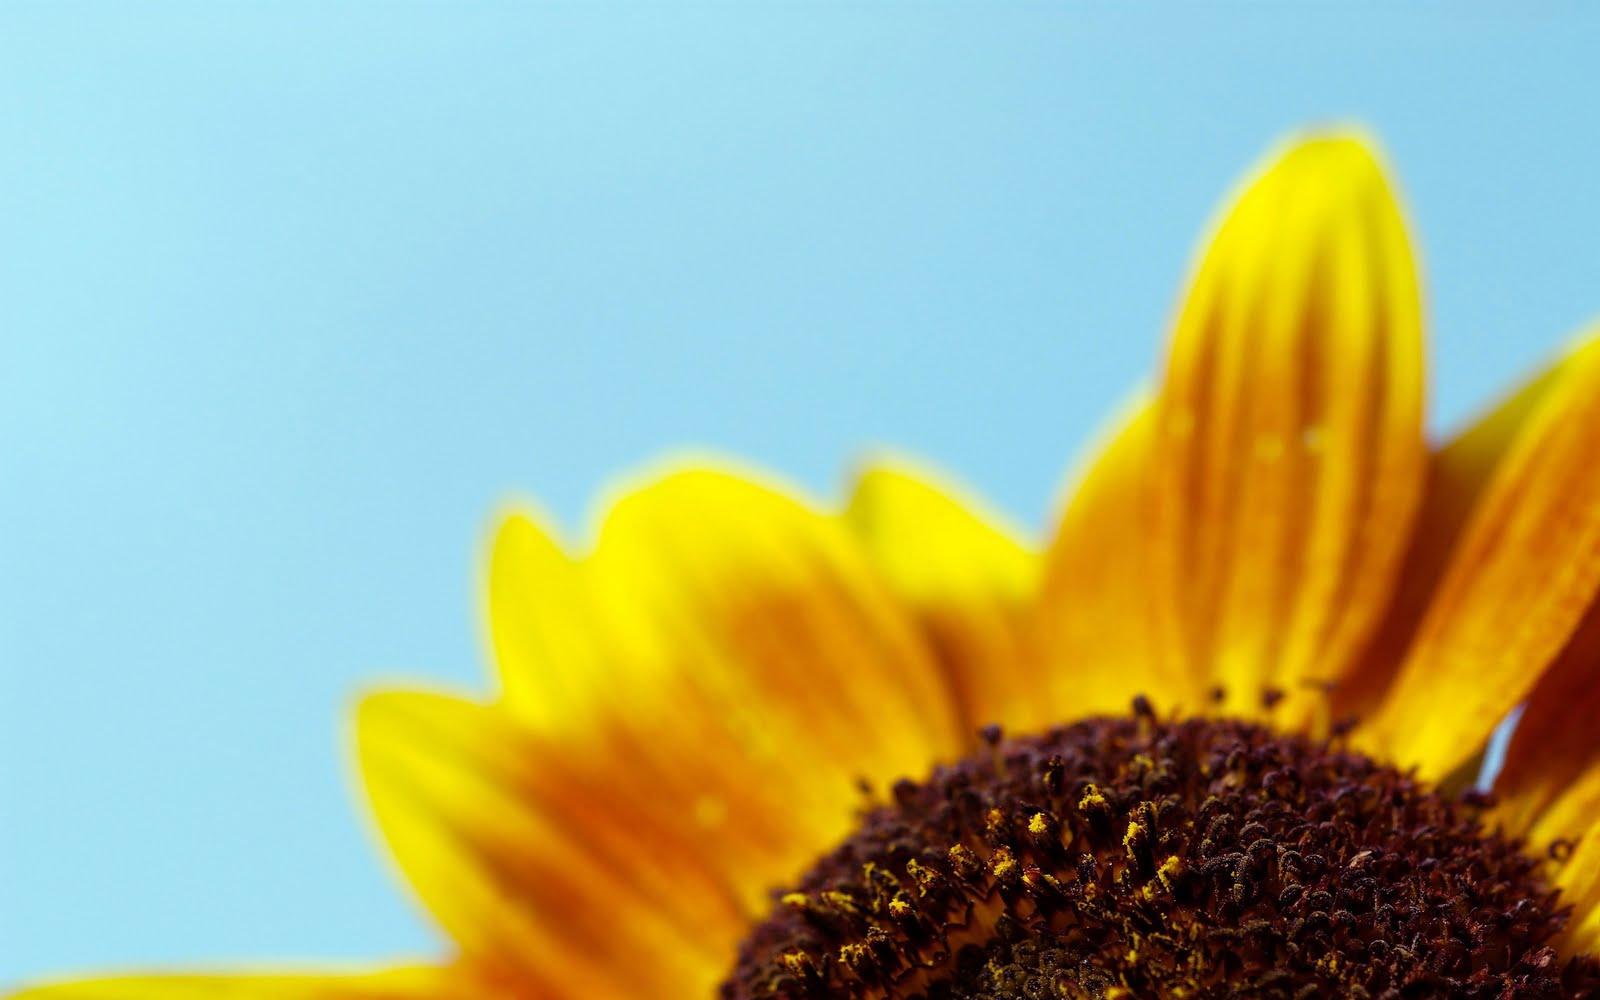 Wallpaper Best Size Sunflower Wallpaper